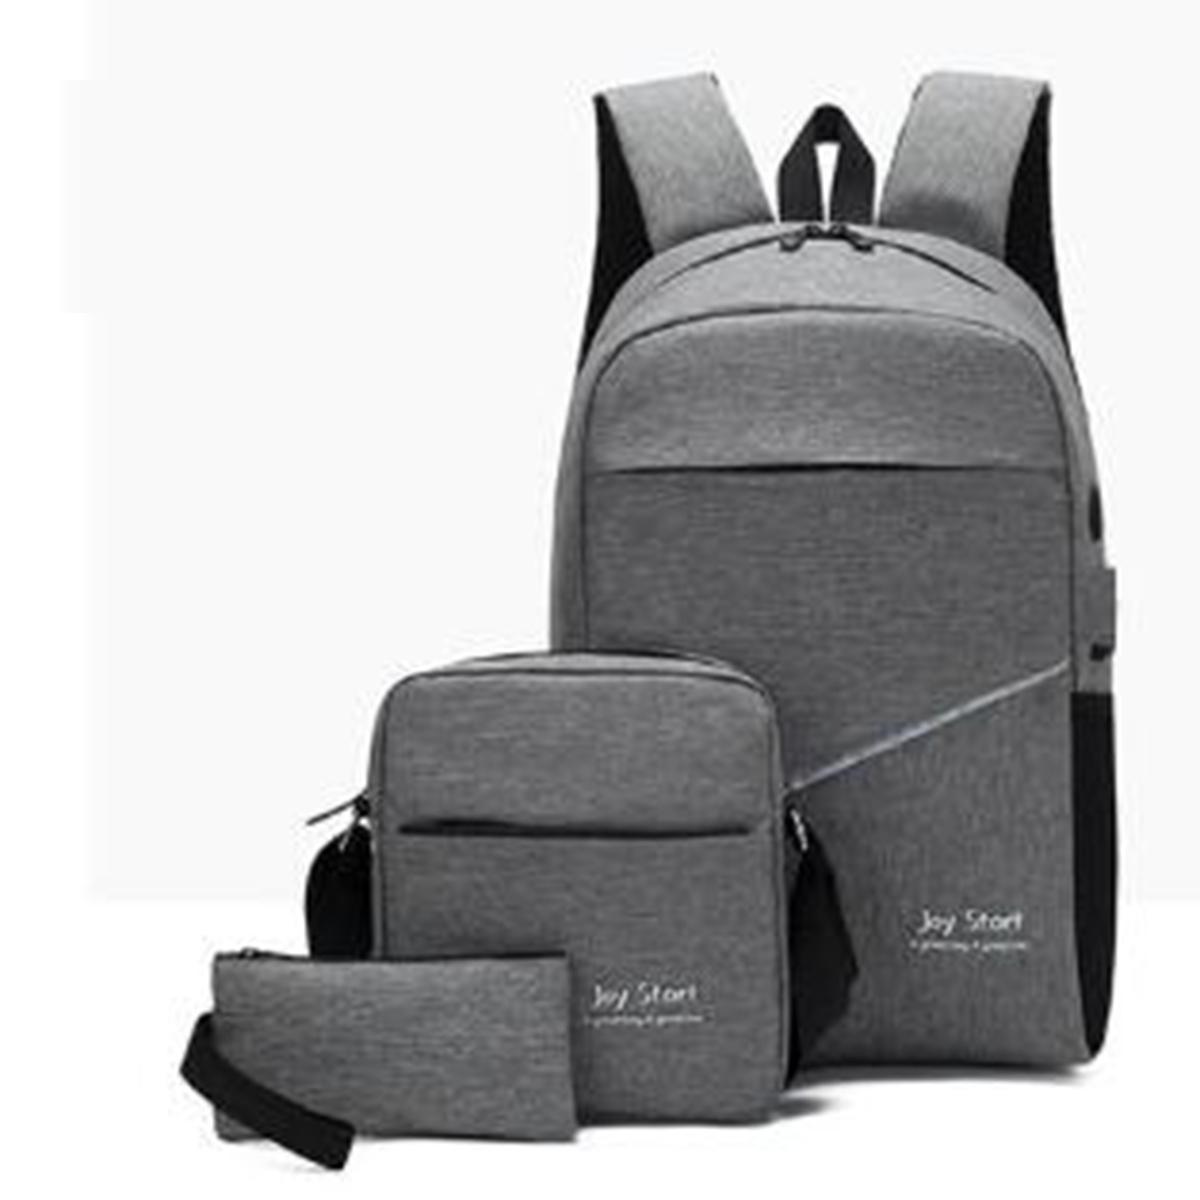 3 stk / sett Unisex Tilbake til skolen Ryggsekk Book Laptop Bag Travel Pencil Case